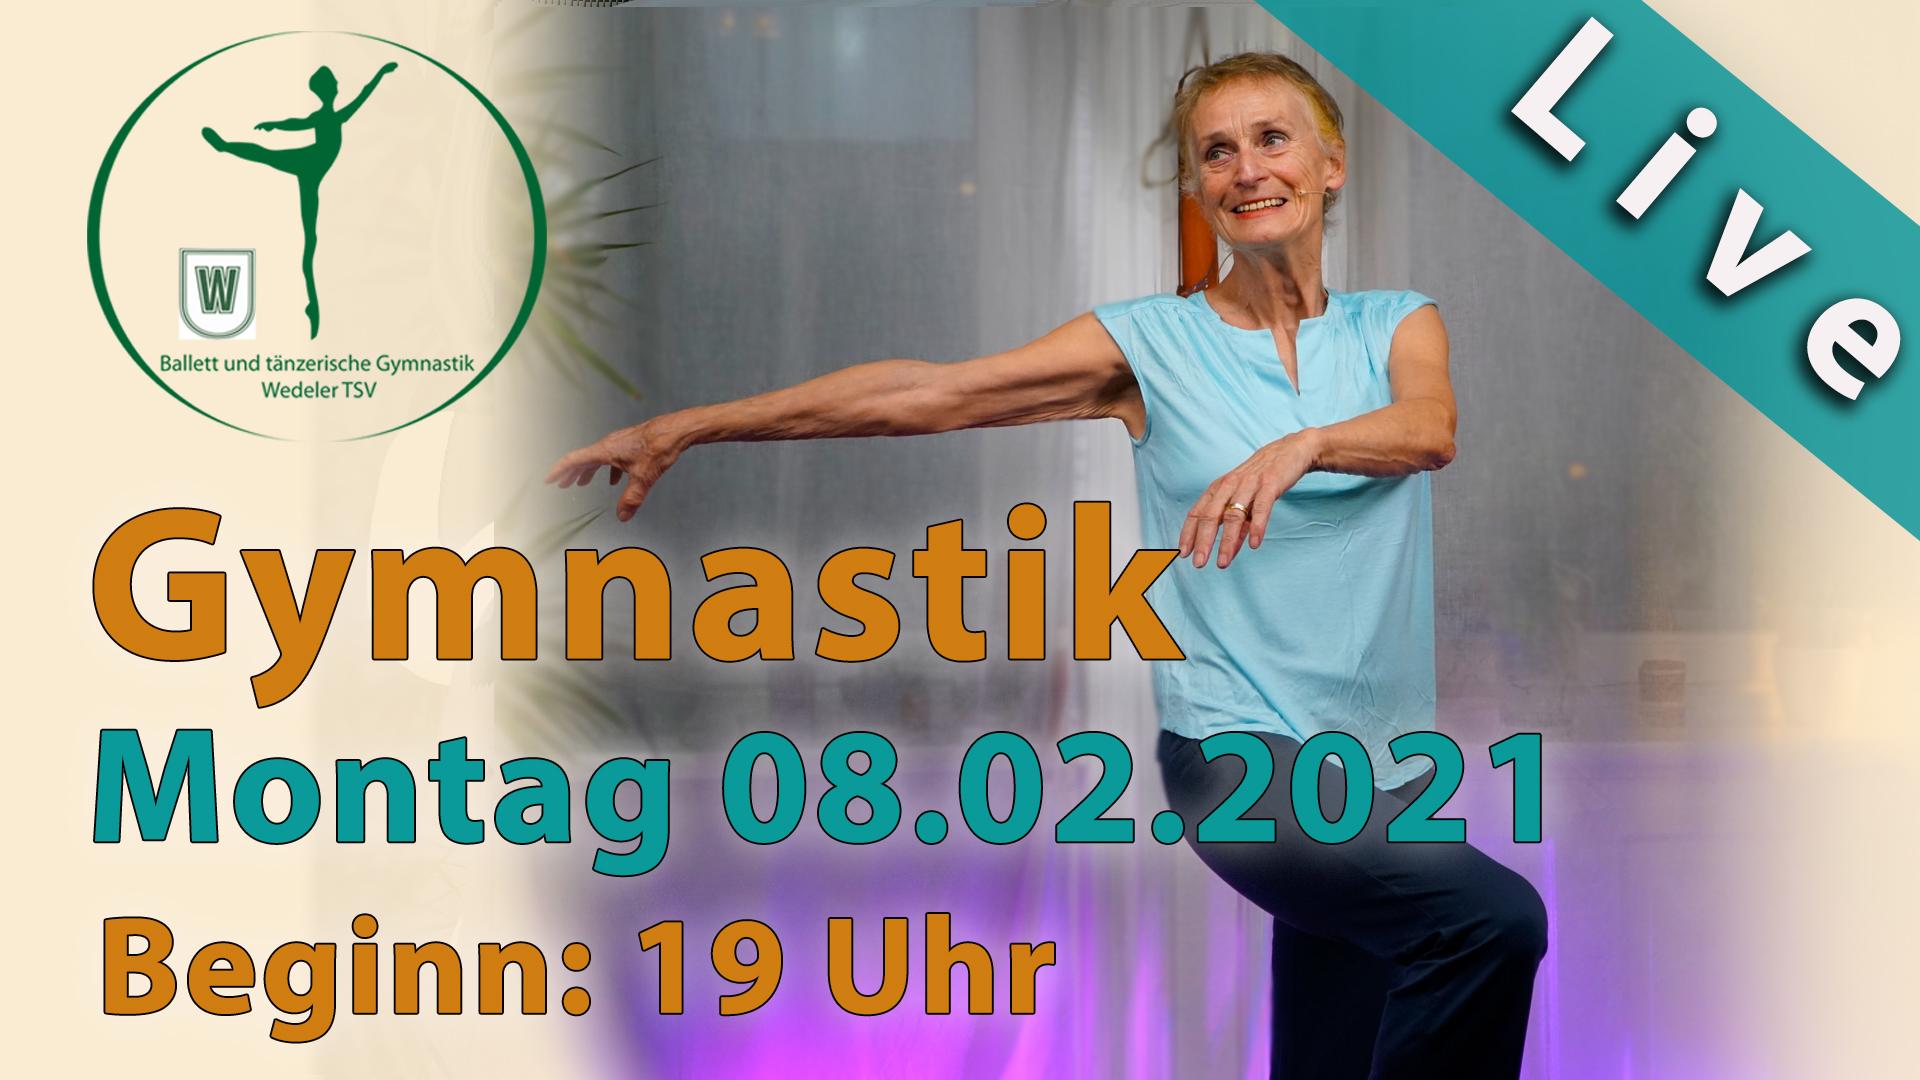 Gymnastik Livestream | Montag 08.02.2021 | Beginn: 19 Uhr